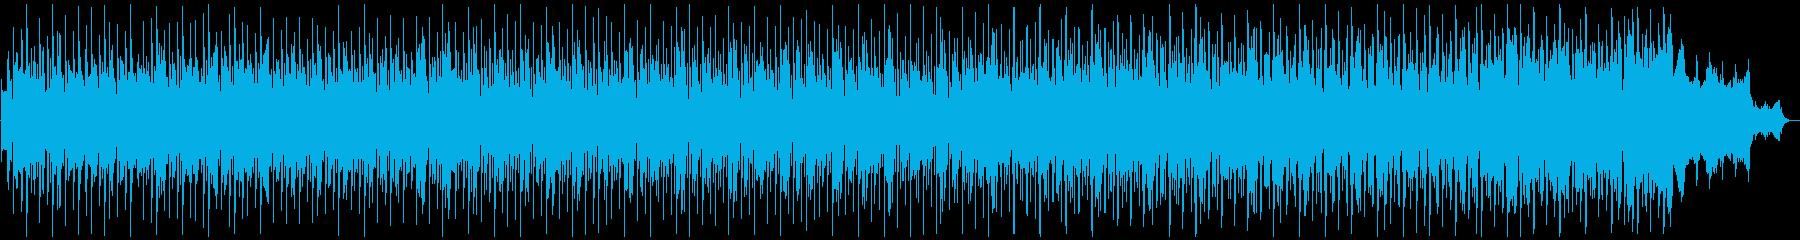 ラウンジ まったり 実験的 アンビ...の再生済みの波形